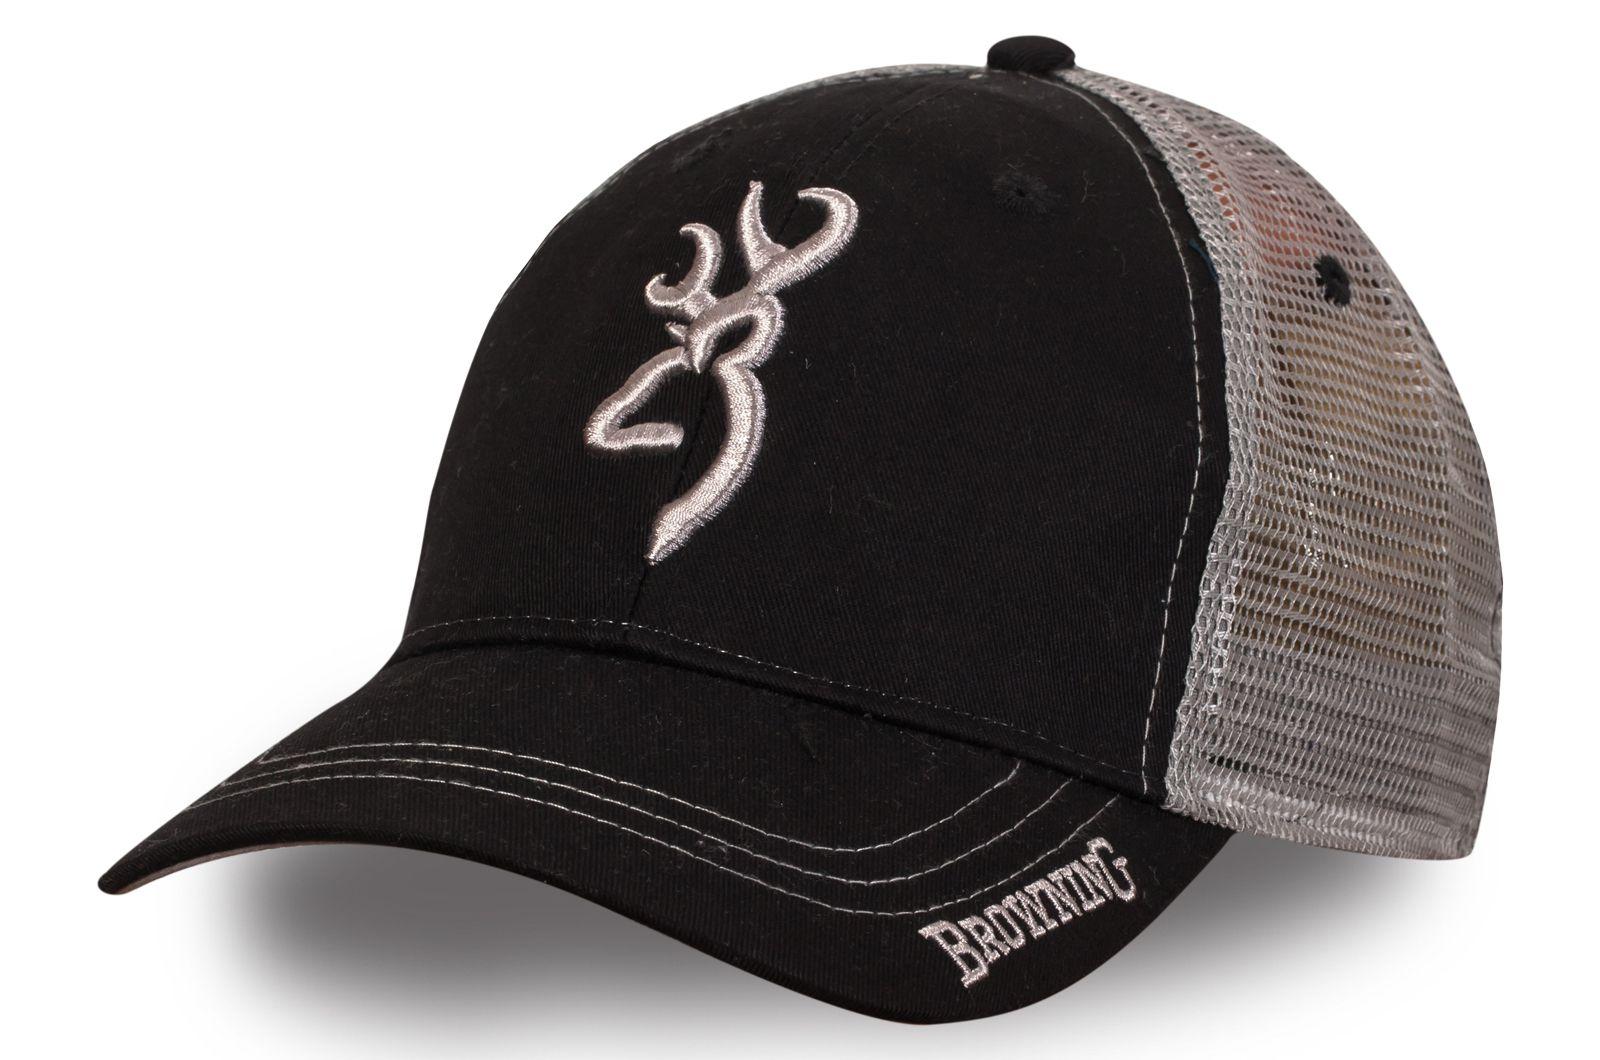 Чёрная бейсболка Browning - купить по лучшей цене